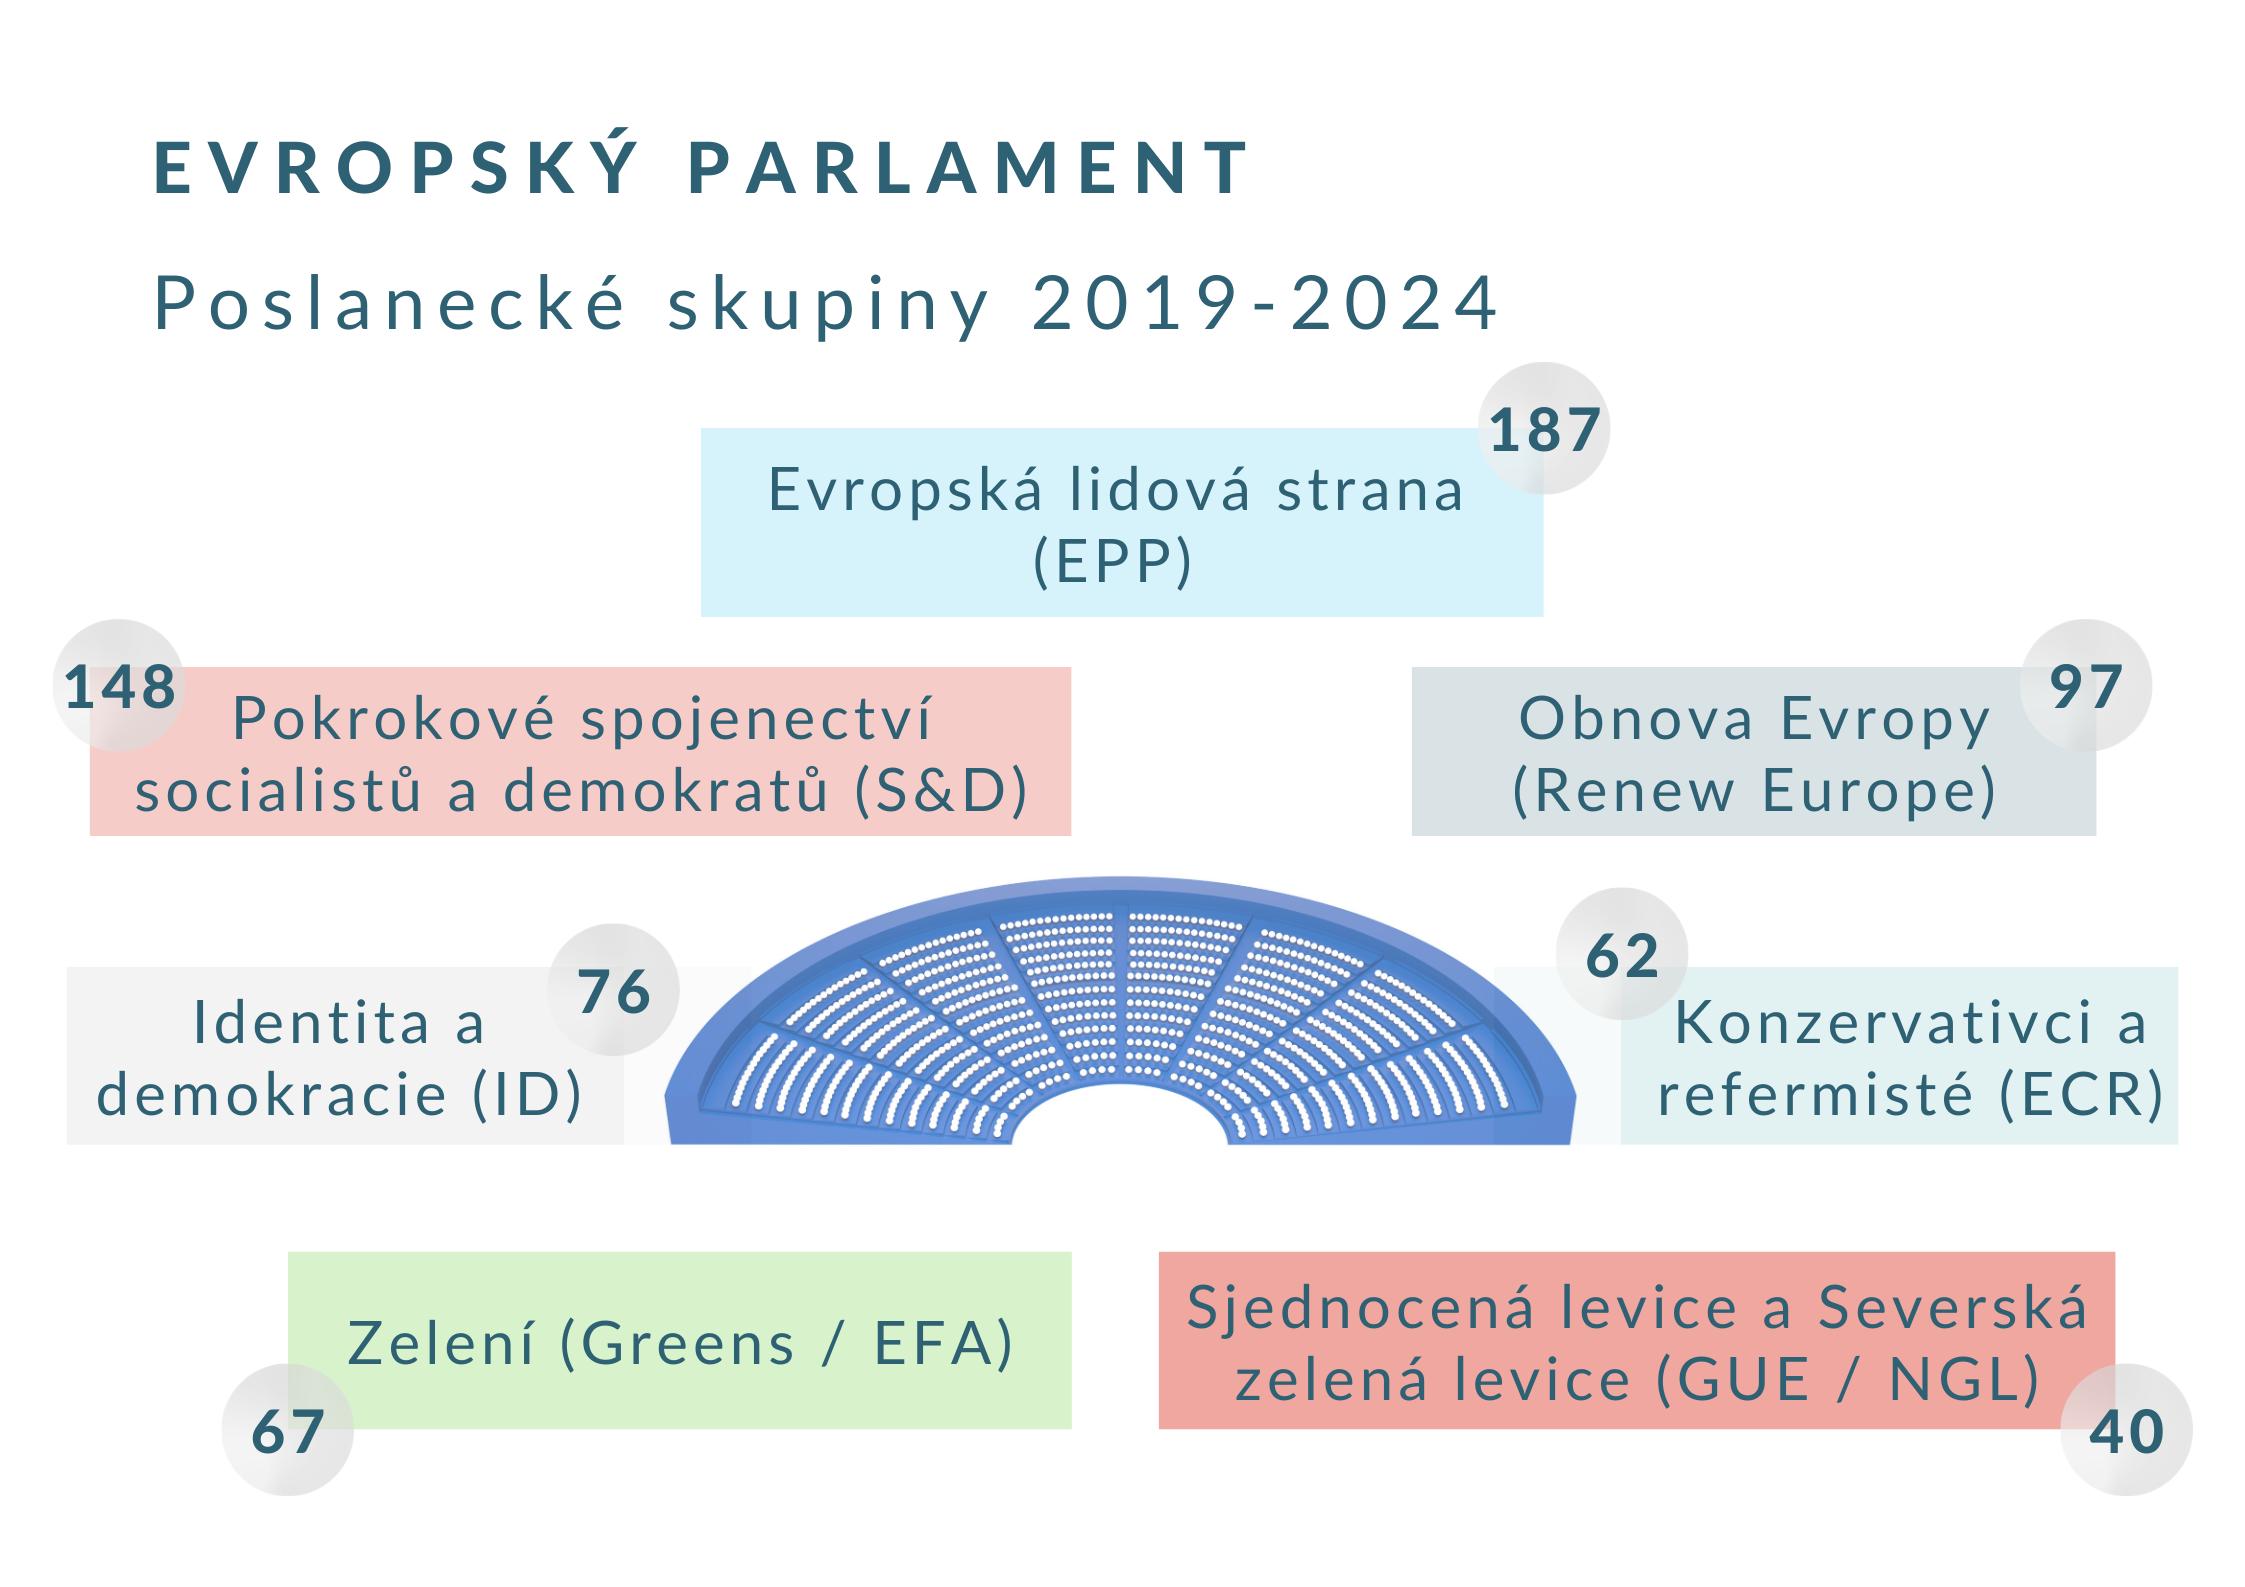 Politické skupiny/frakce současného Evropského parlamentu